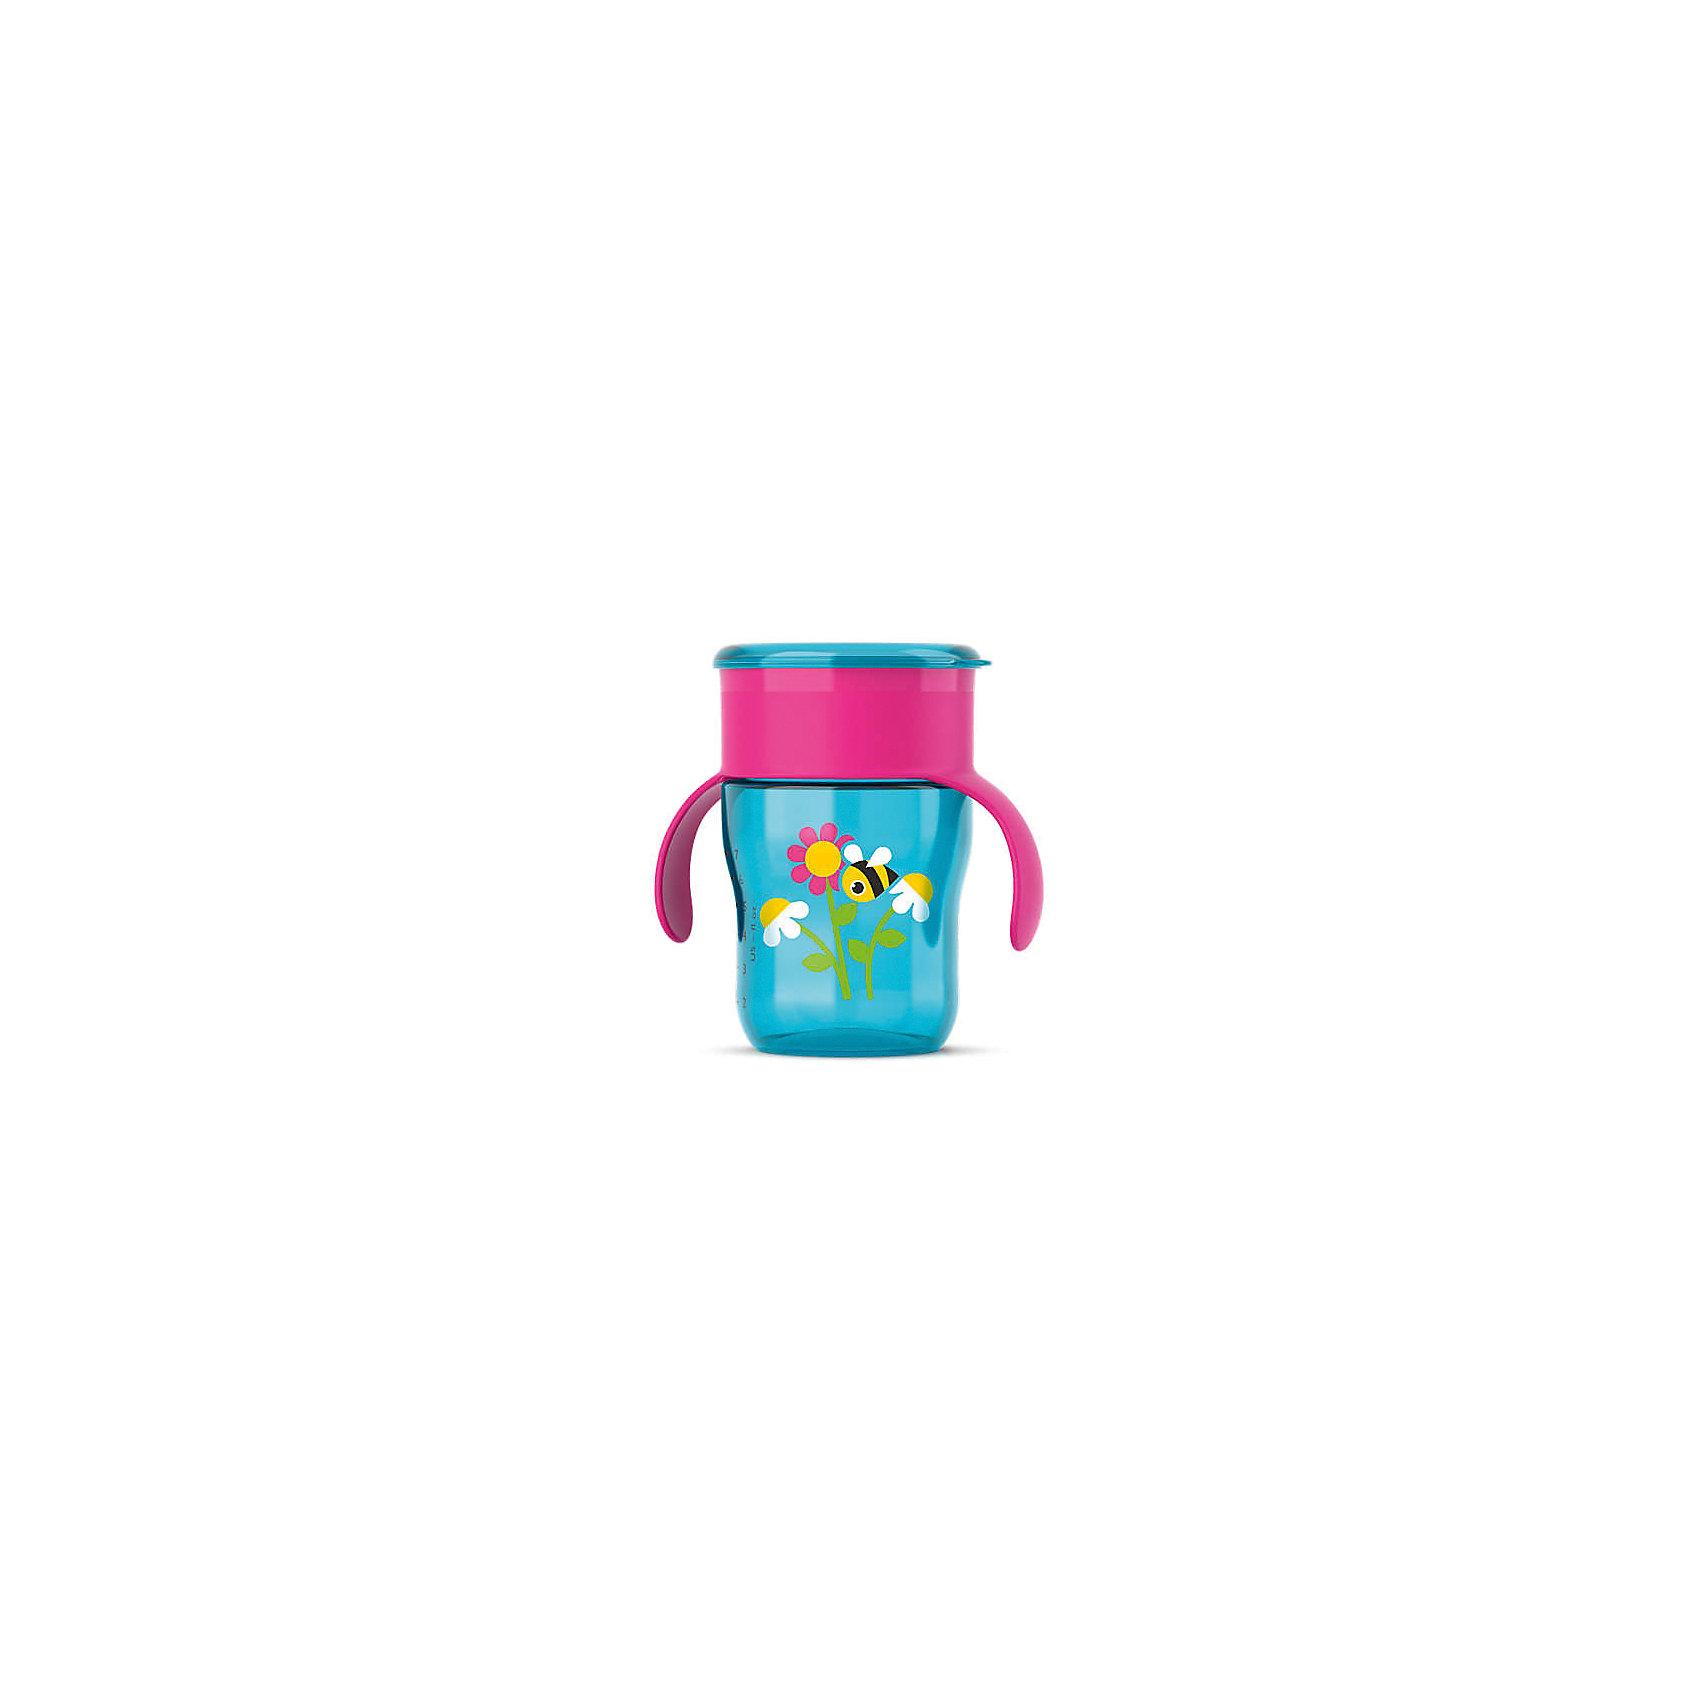 Чашка-поильник с ручками, с 12 мес., 260 мл., Philips Avent, бирюзовый/ровыйПоильники<br>Описание SCF782/20:<br>-Новая чашка для питья Philips AVENT поможет Вашему малышу научиться пить самостоятельно, как из взрослой чашки.Уникальный клапан с защитой от протекания открывается от прикосновения губ, при этом пить можно по всему краю, словно это обычная чашка.Не содержит бисфенол-А (0% BPA).Когда ребенок только начнет пользоваться чашкой, возможно, напитки будут проливаться; это нормально, так как ребенку нужно некоторое время, чтобы привыкнуть к чашке. Для быстрого обучения навыкам питья из чашки мы рекомендуем использовать ее каждый день. Для формирования данного навыка ребенку может потребоваться от нескольких недель до нескольких месяцев. Это зависит от того, как часто вы используете чашку, возраста ребенка и от самого ребенка. Рекомендовано для детей от 12 мес+.<br><br>Результат: <br>Приятное и комфортное питье. С помощью этой чашки Вы сможете легко научить ребенка пользоваться обычной чашкой: малыш может пить по всему краю, как из обычной чашки для взрослых.<br>Удобство в использовании для мамы: чашку  удобно мыть и наполнять. Небольшое количество деталей позволяет быстро ее собрать и разобрать.<br><br>Ширина мм: 150<br>Глубина мм: 70<br>Высота мм: 70<br>Вес г: 250<br>Возраст от месяцев: 12<br>Возраст до месяцев: 36<br>Пол: Женский<br>Возраст: Детский<br>SKU: 4912897